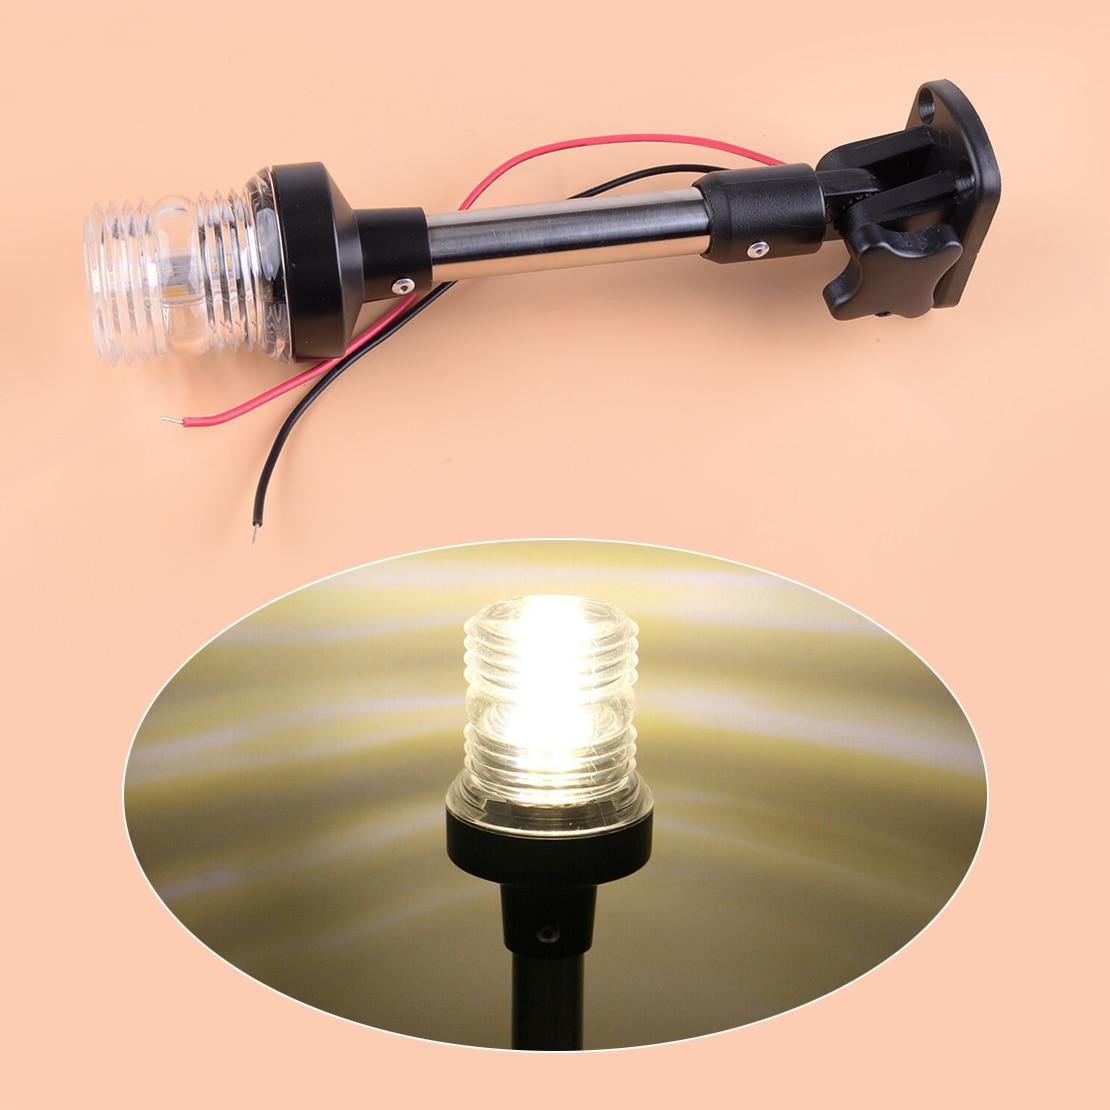 Luz 9-1/2 12-24 v do pólo da âncora da popa da navegação do diodo emissor de luz da dobra ajustável do pontão do barco marinho de citall